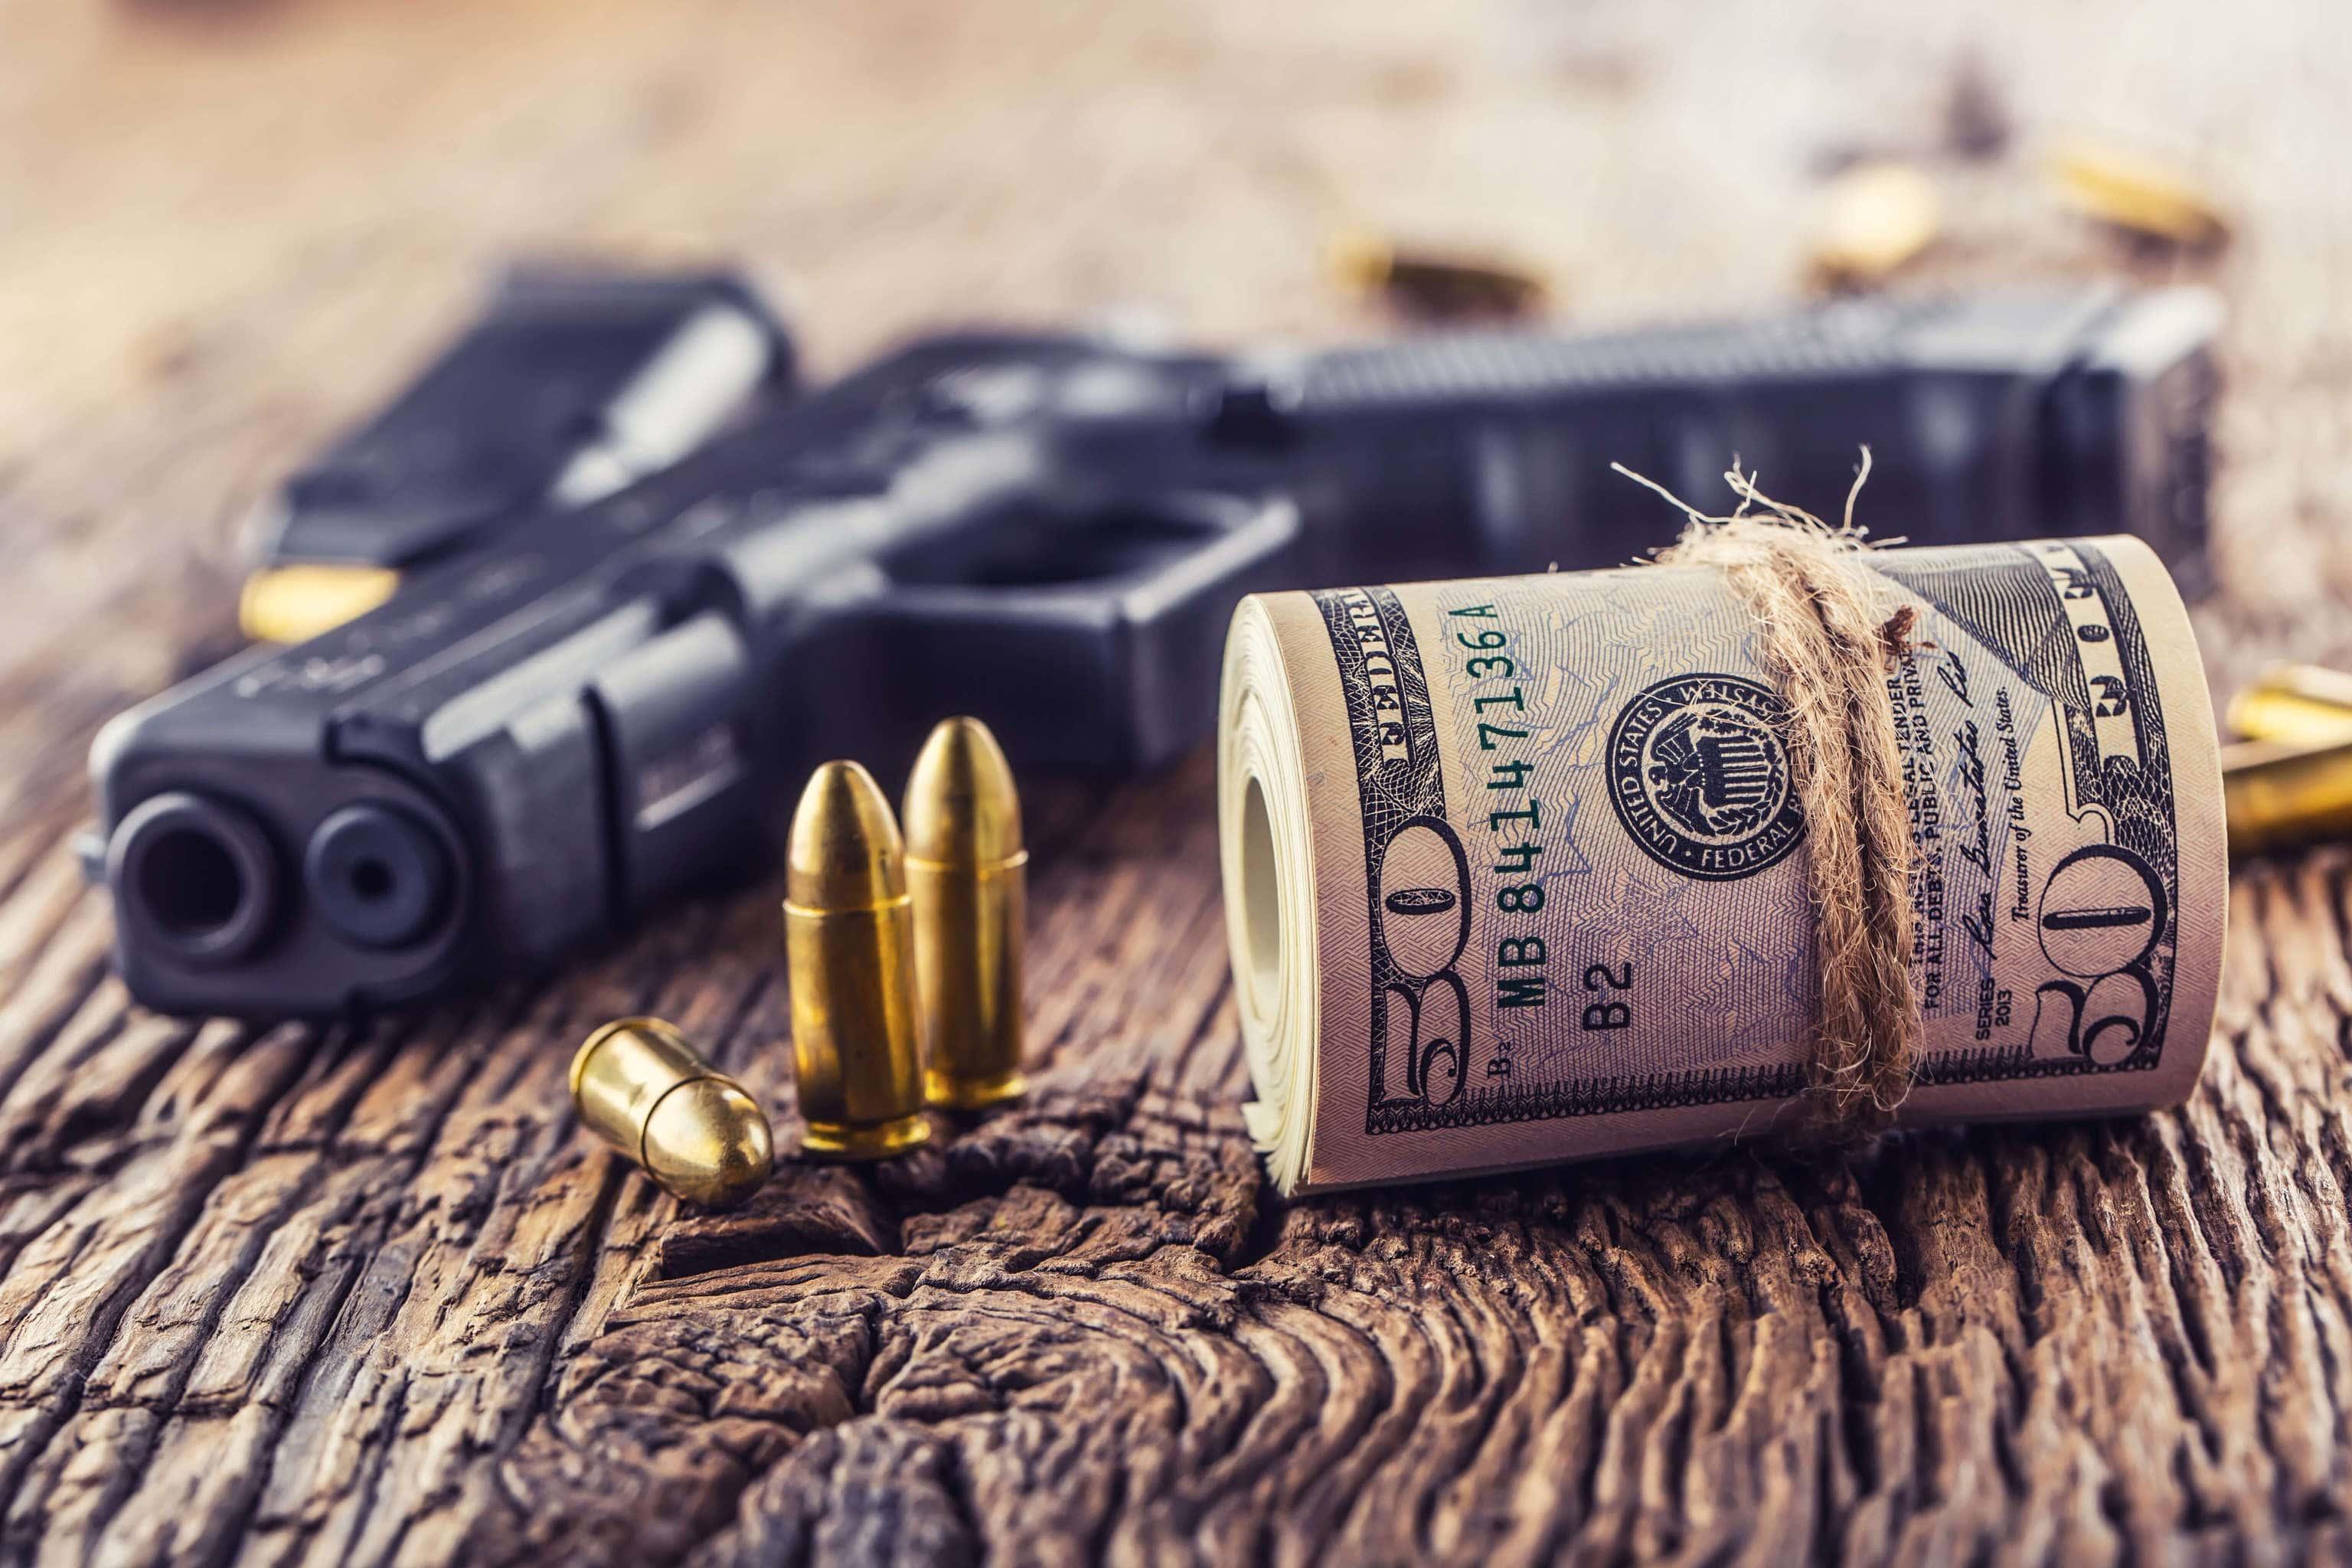 Terrorismusfinanzierung, Banken für Terrorismusfinanzierung besser geeignet als Kryptos